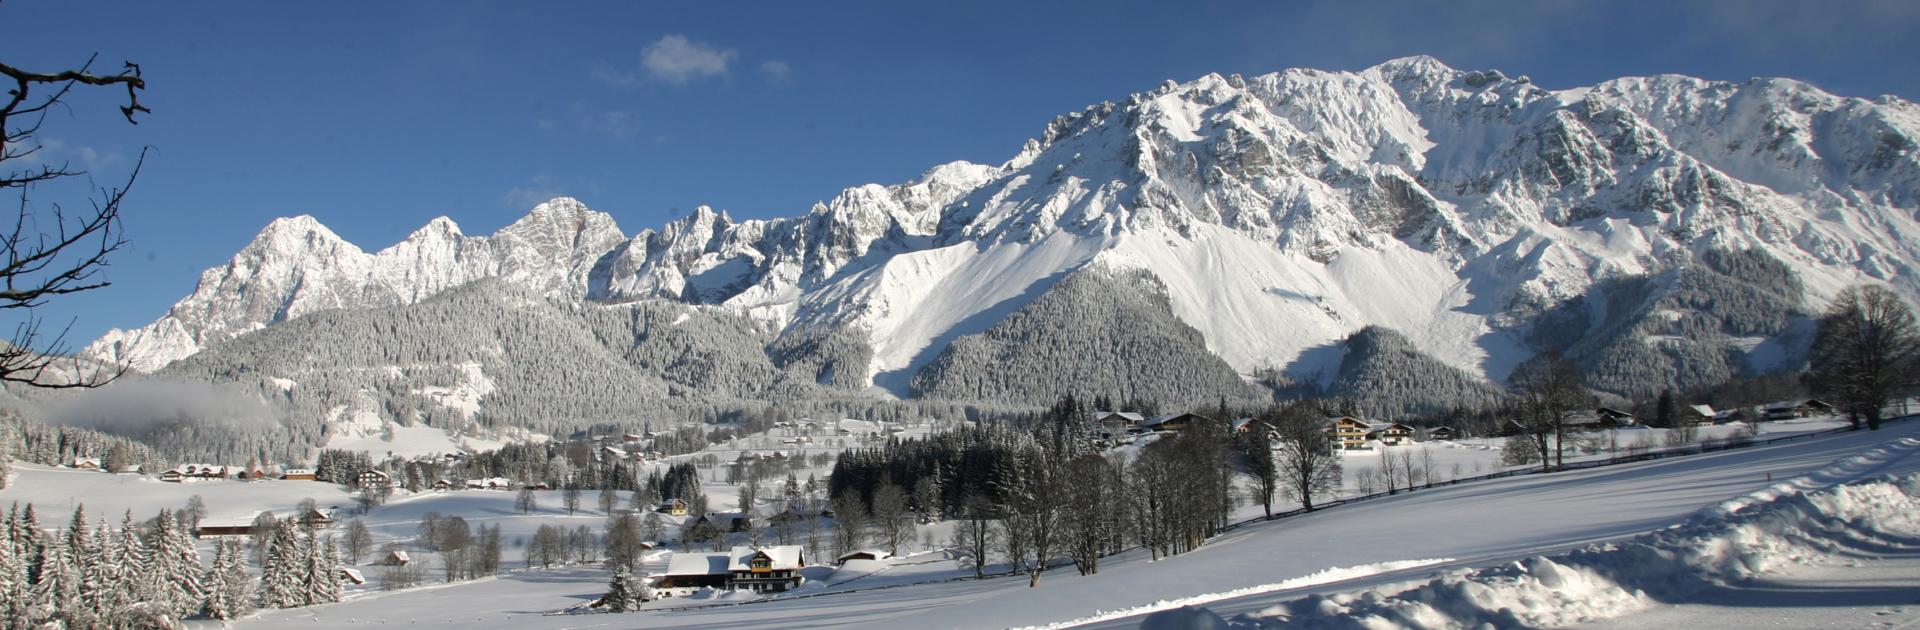 Winterlandschaft mit Blick auf das Dachstein Massiv